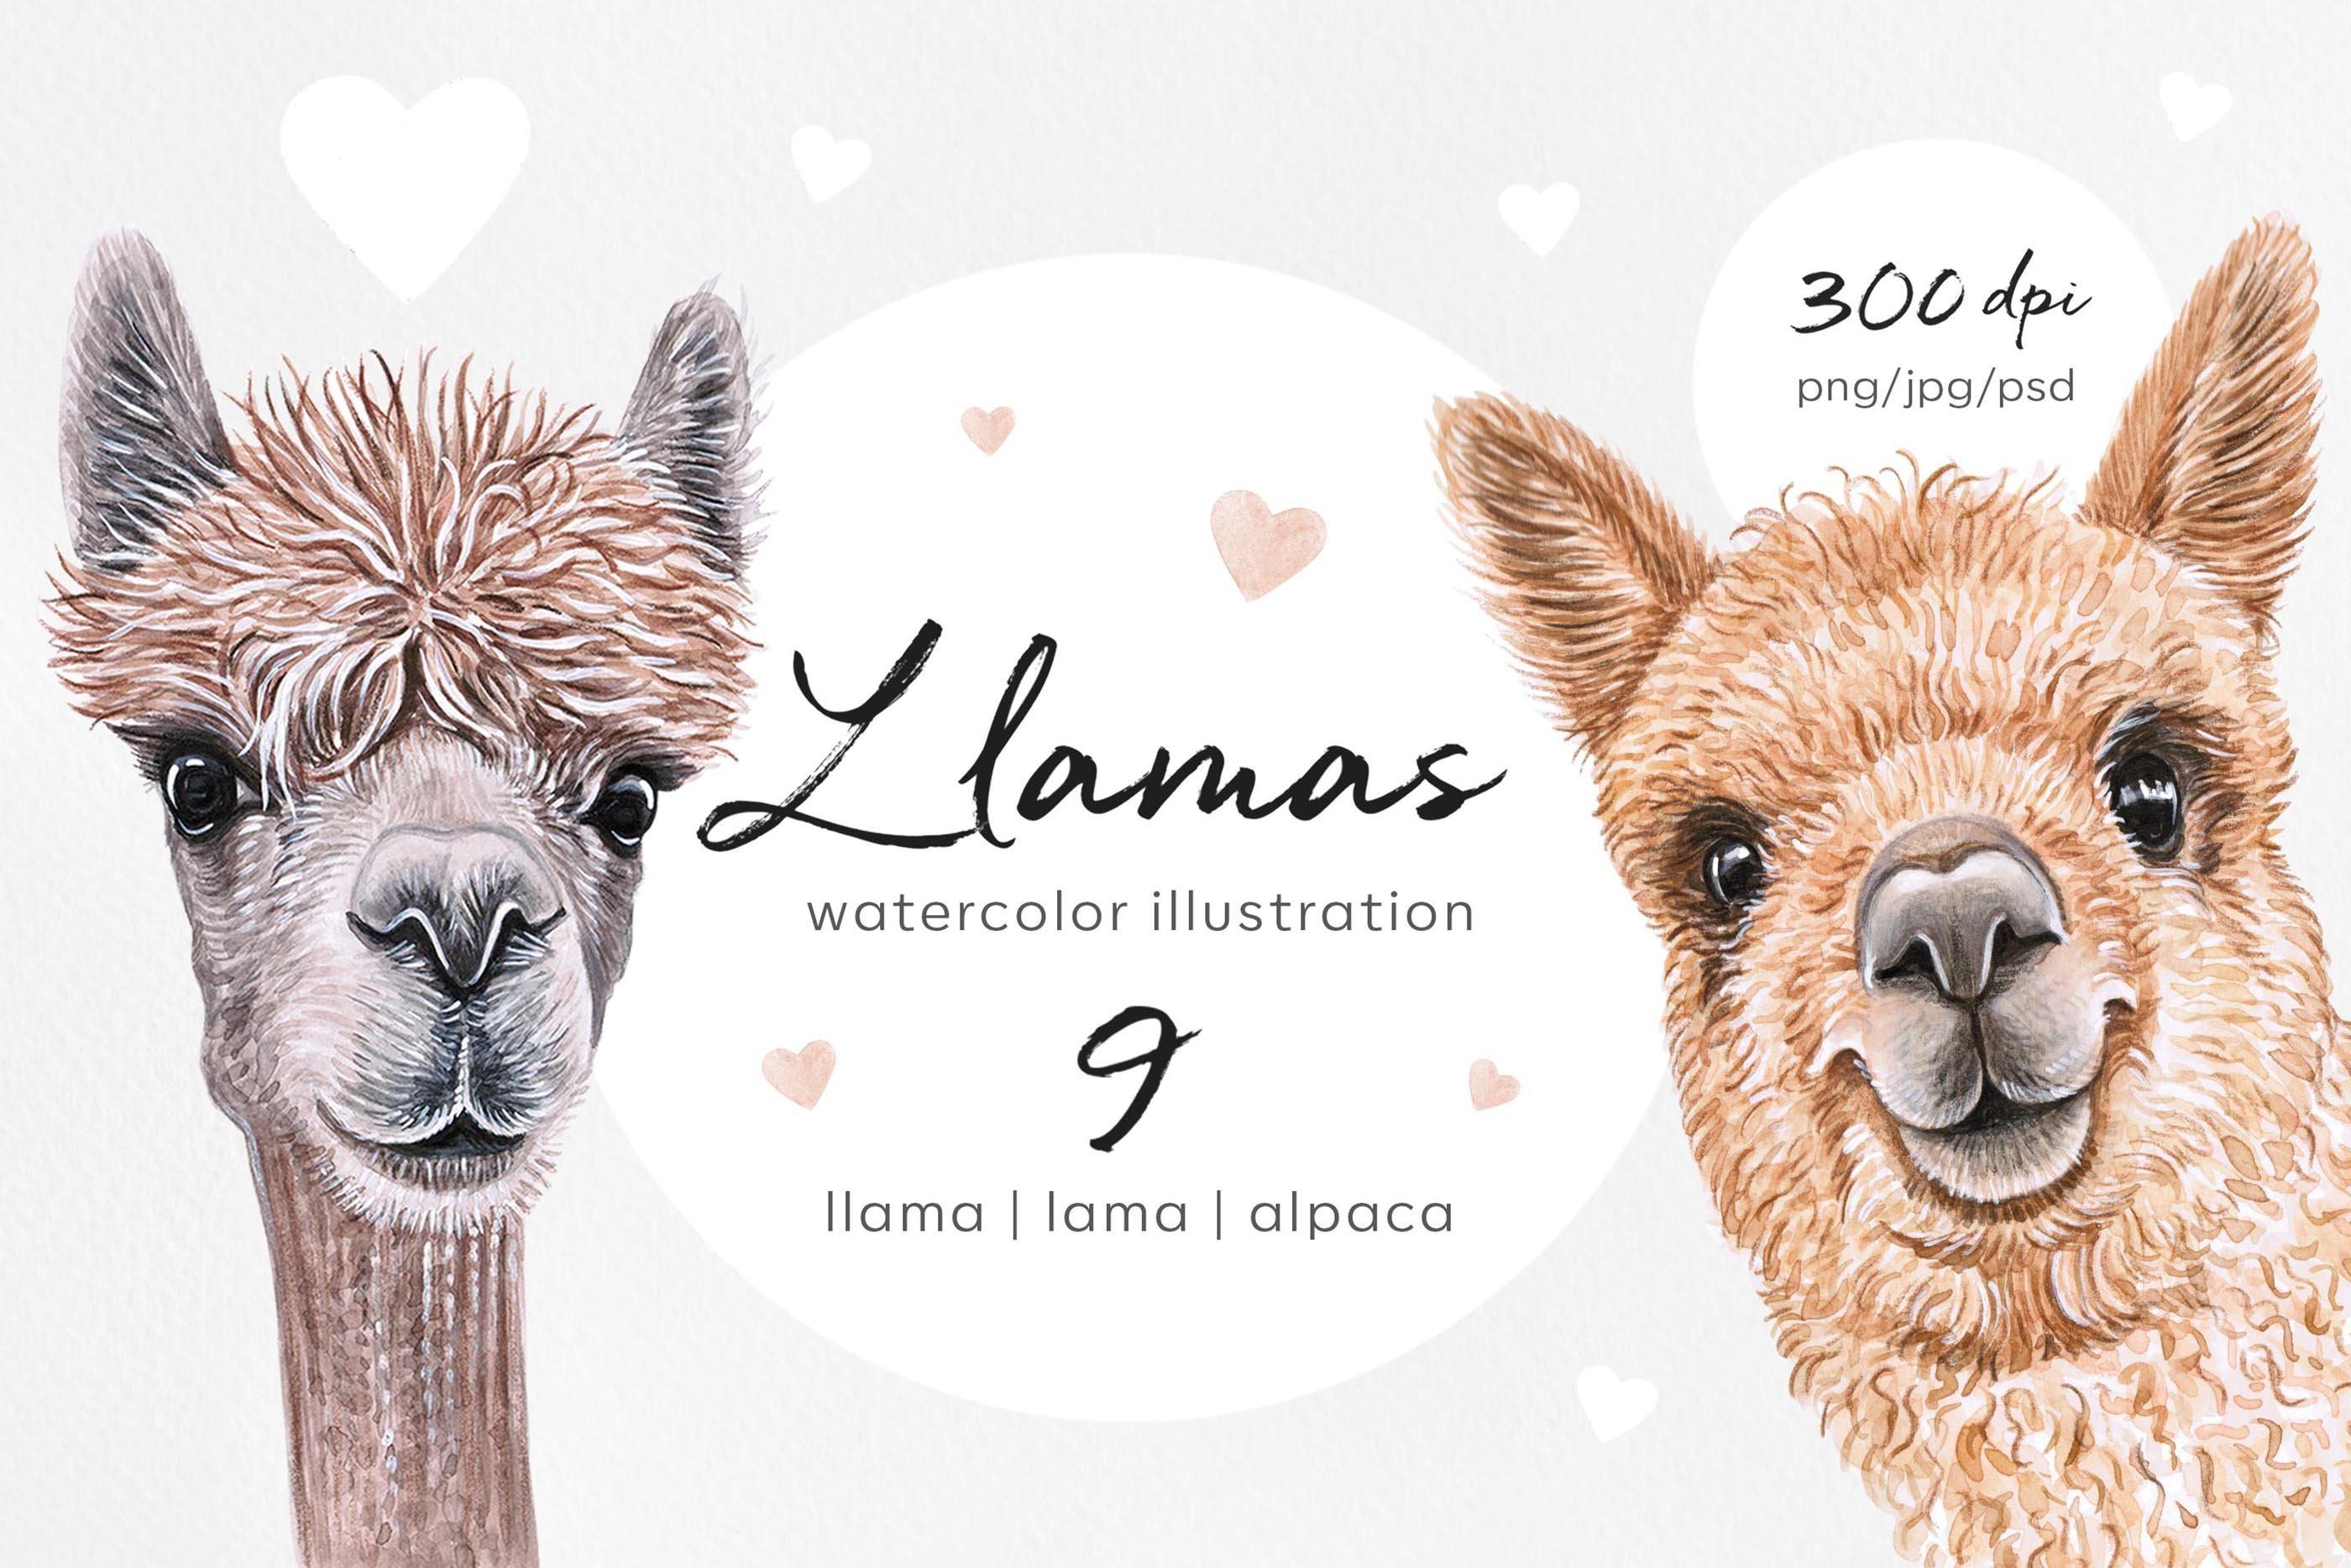 Llama lama alpaca. Watercolor set 9 illustrations.